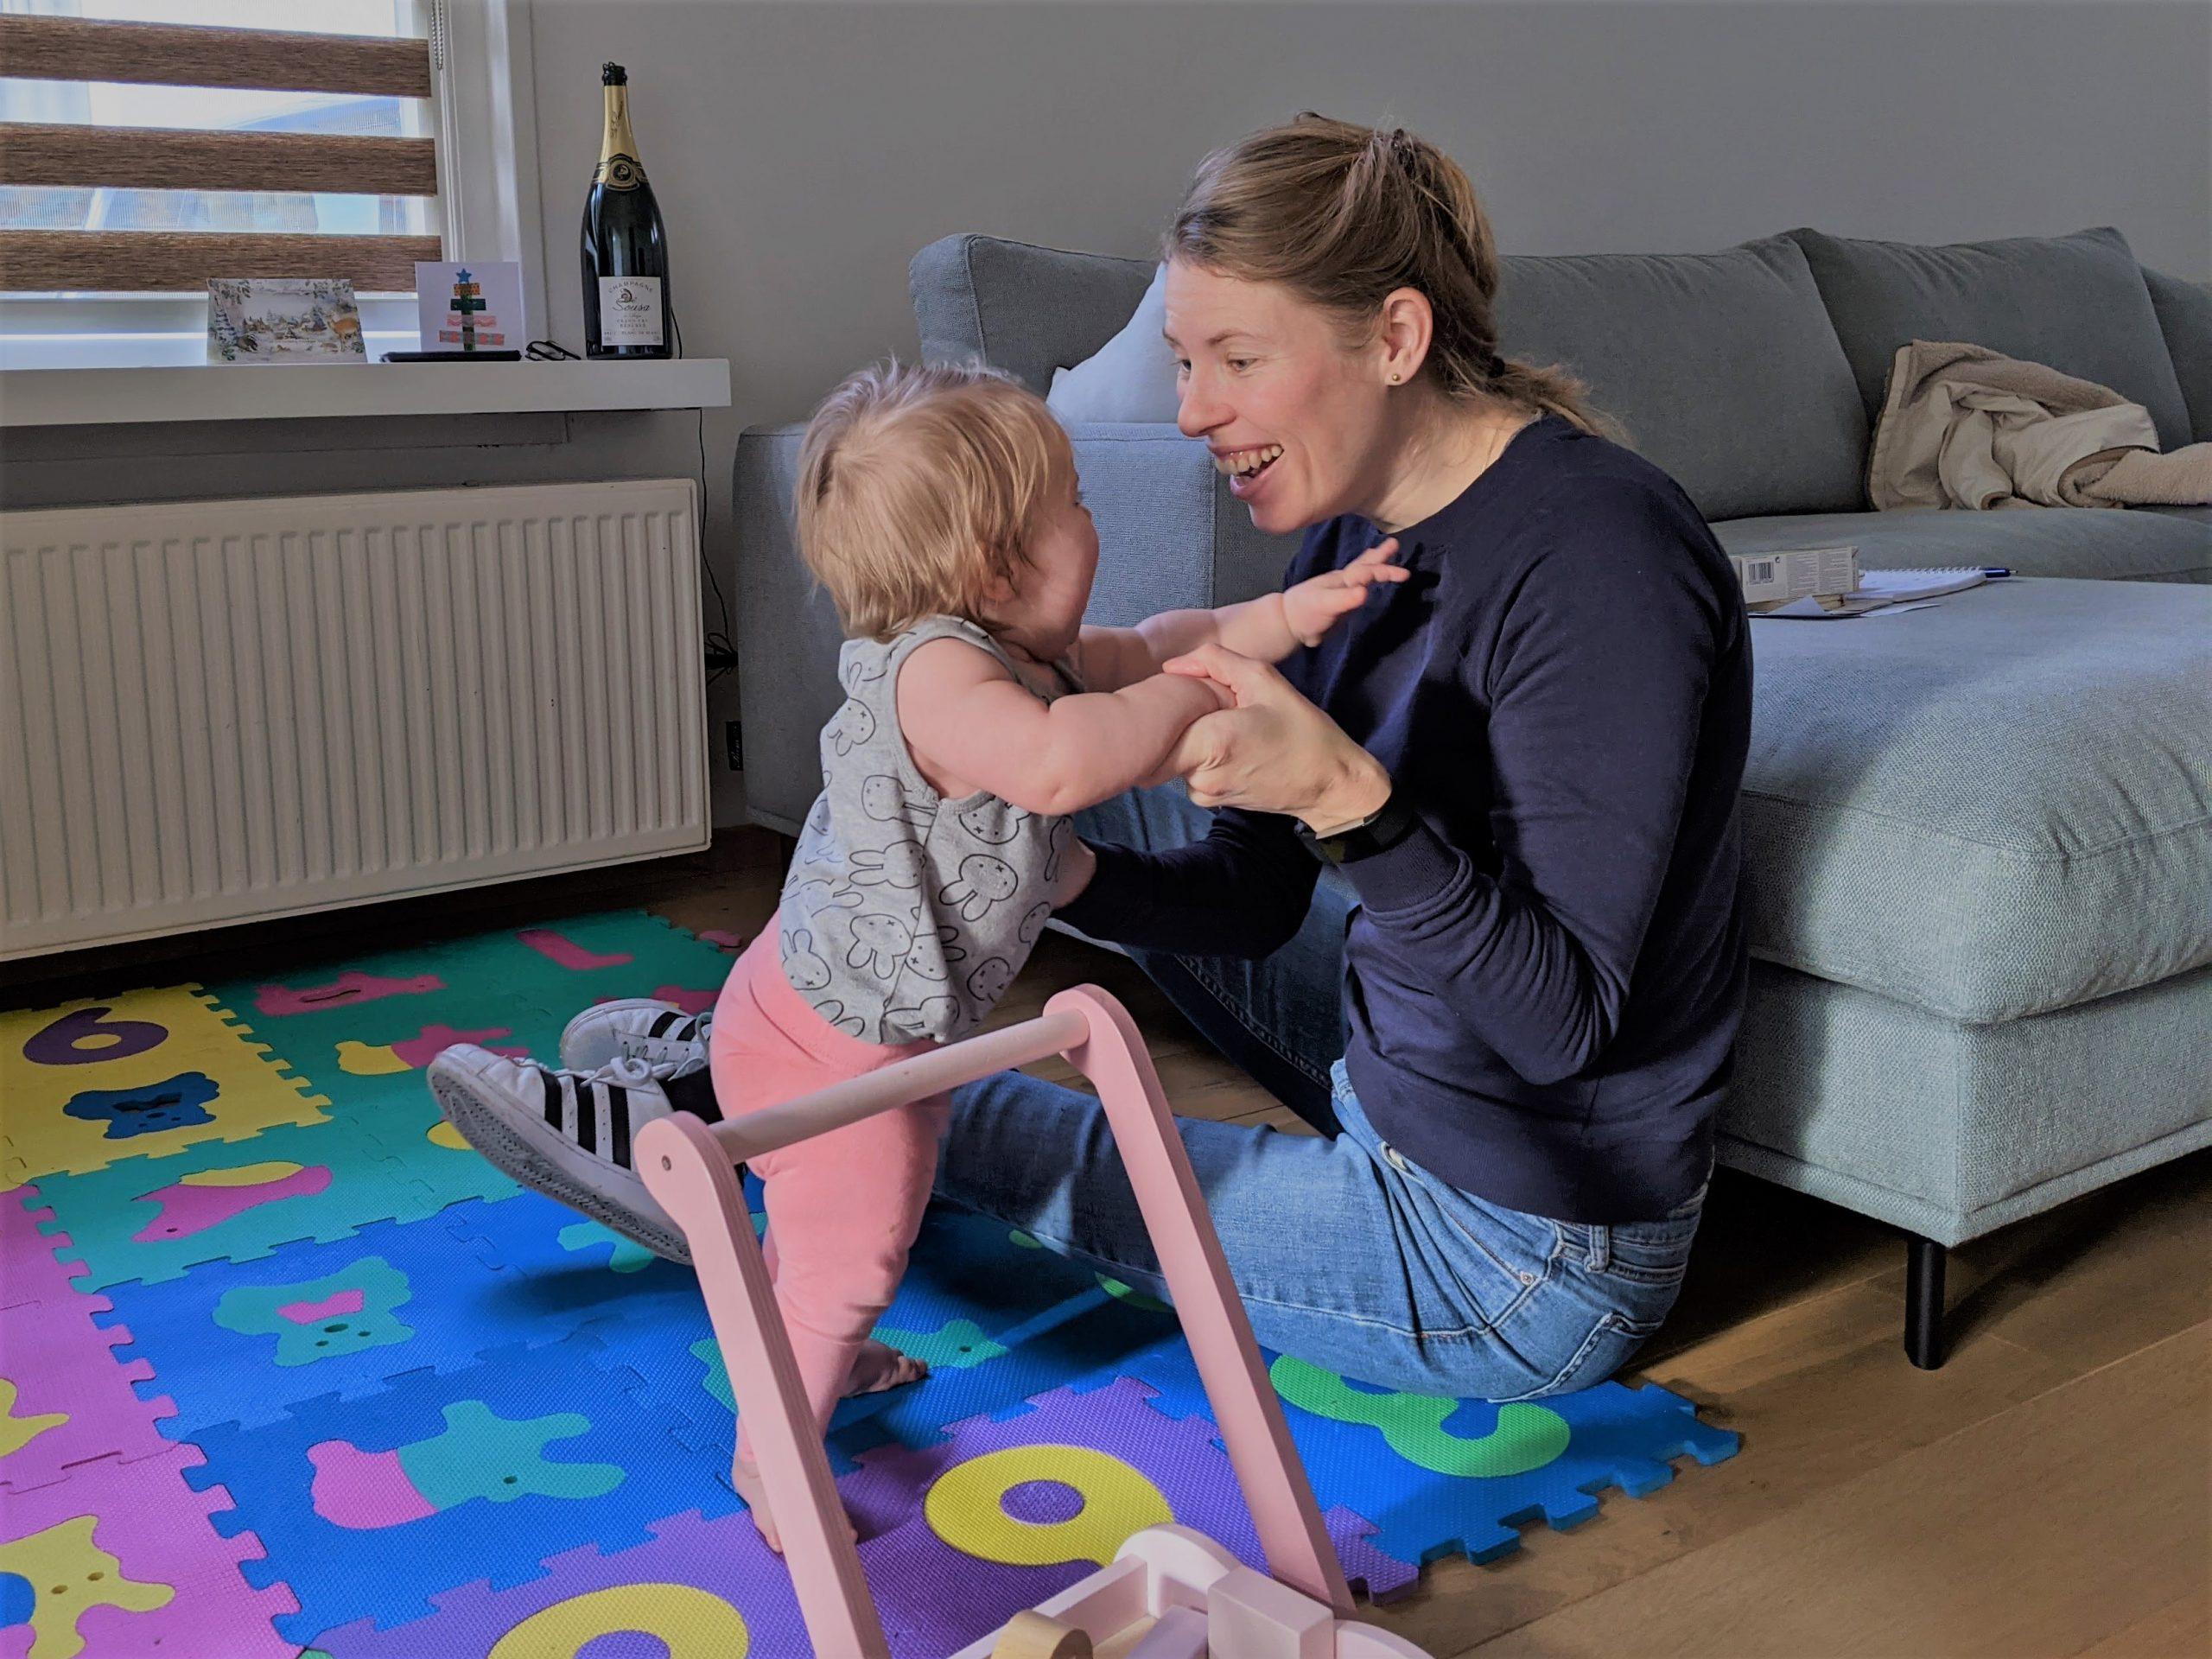 beheerd beleggen staan helpen baby